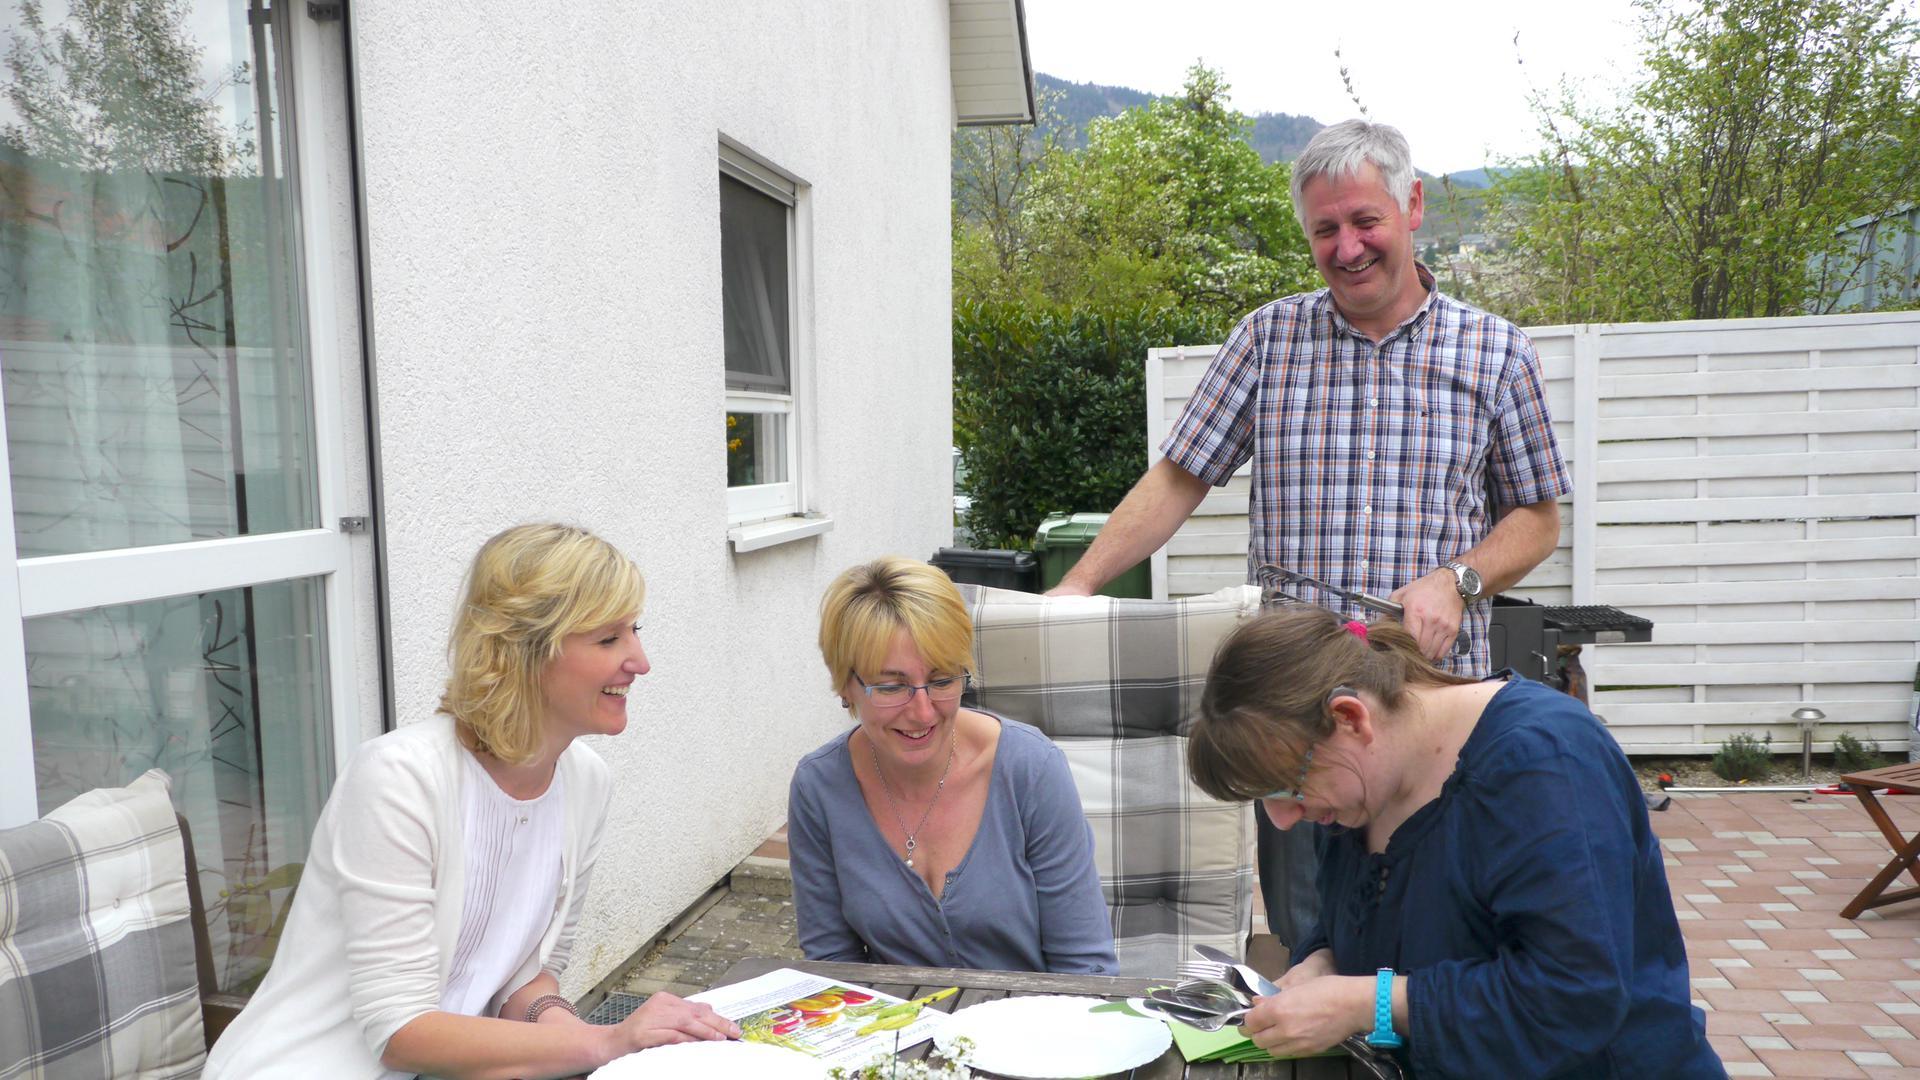 Eine Familie auf ihrer Terrasse. Sie lachen zusammen und decken den Tisch.